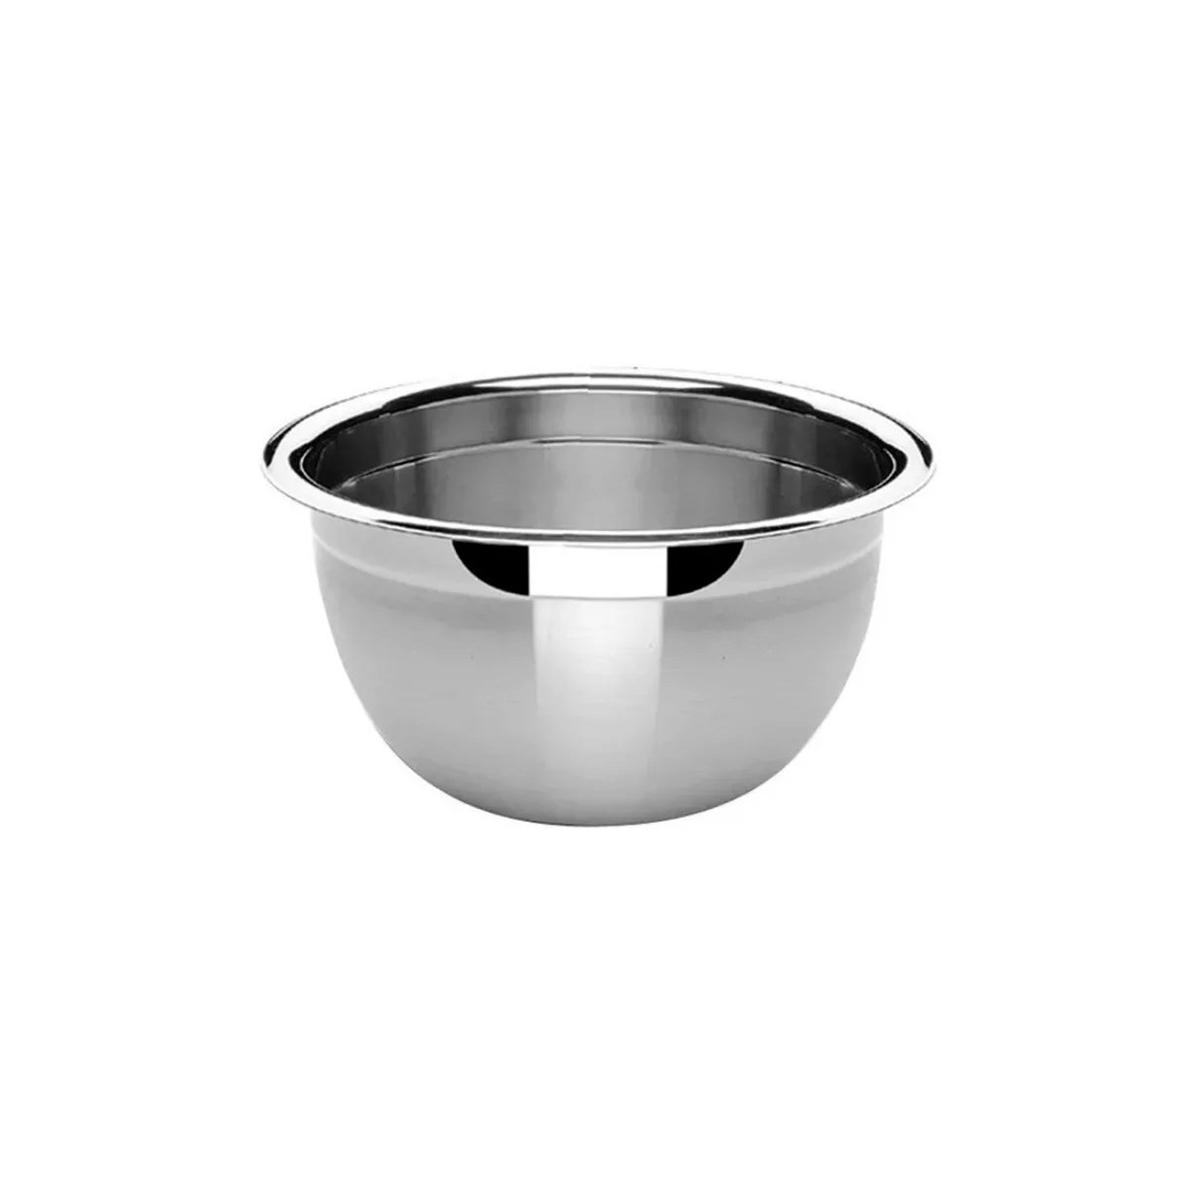 3 Tigelas Bowl Em Aço Inox 18,5 Cm Pratica e Durável Facilite.ud MX-3022-3